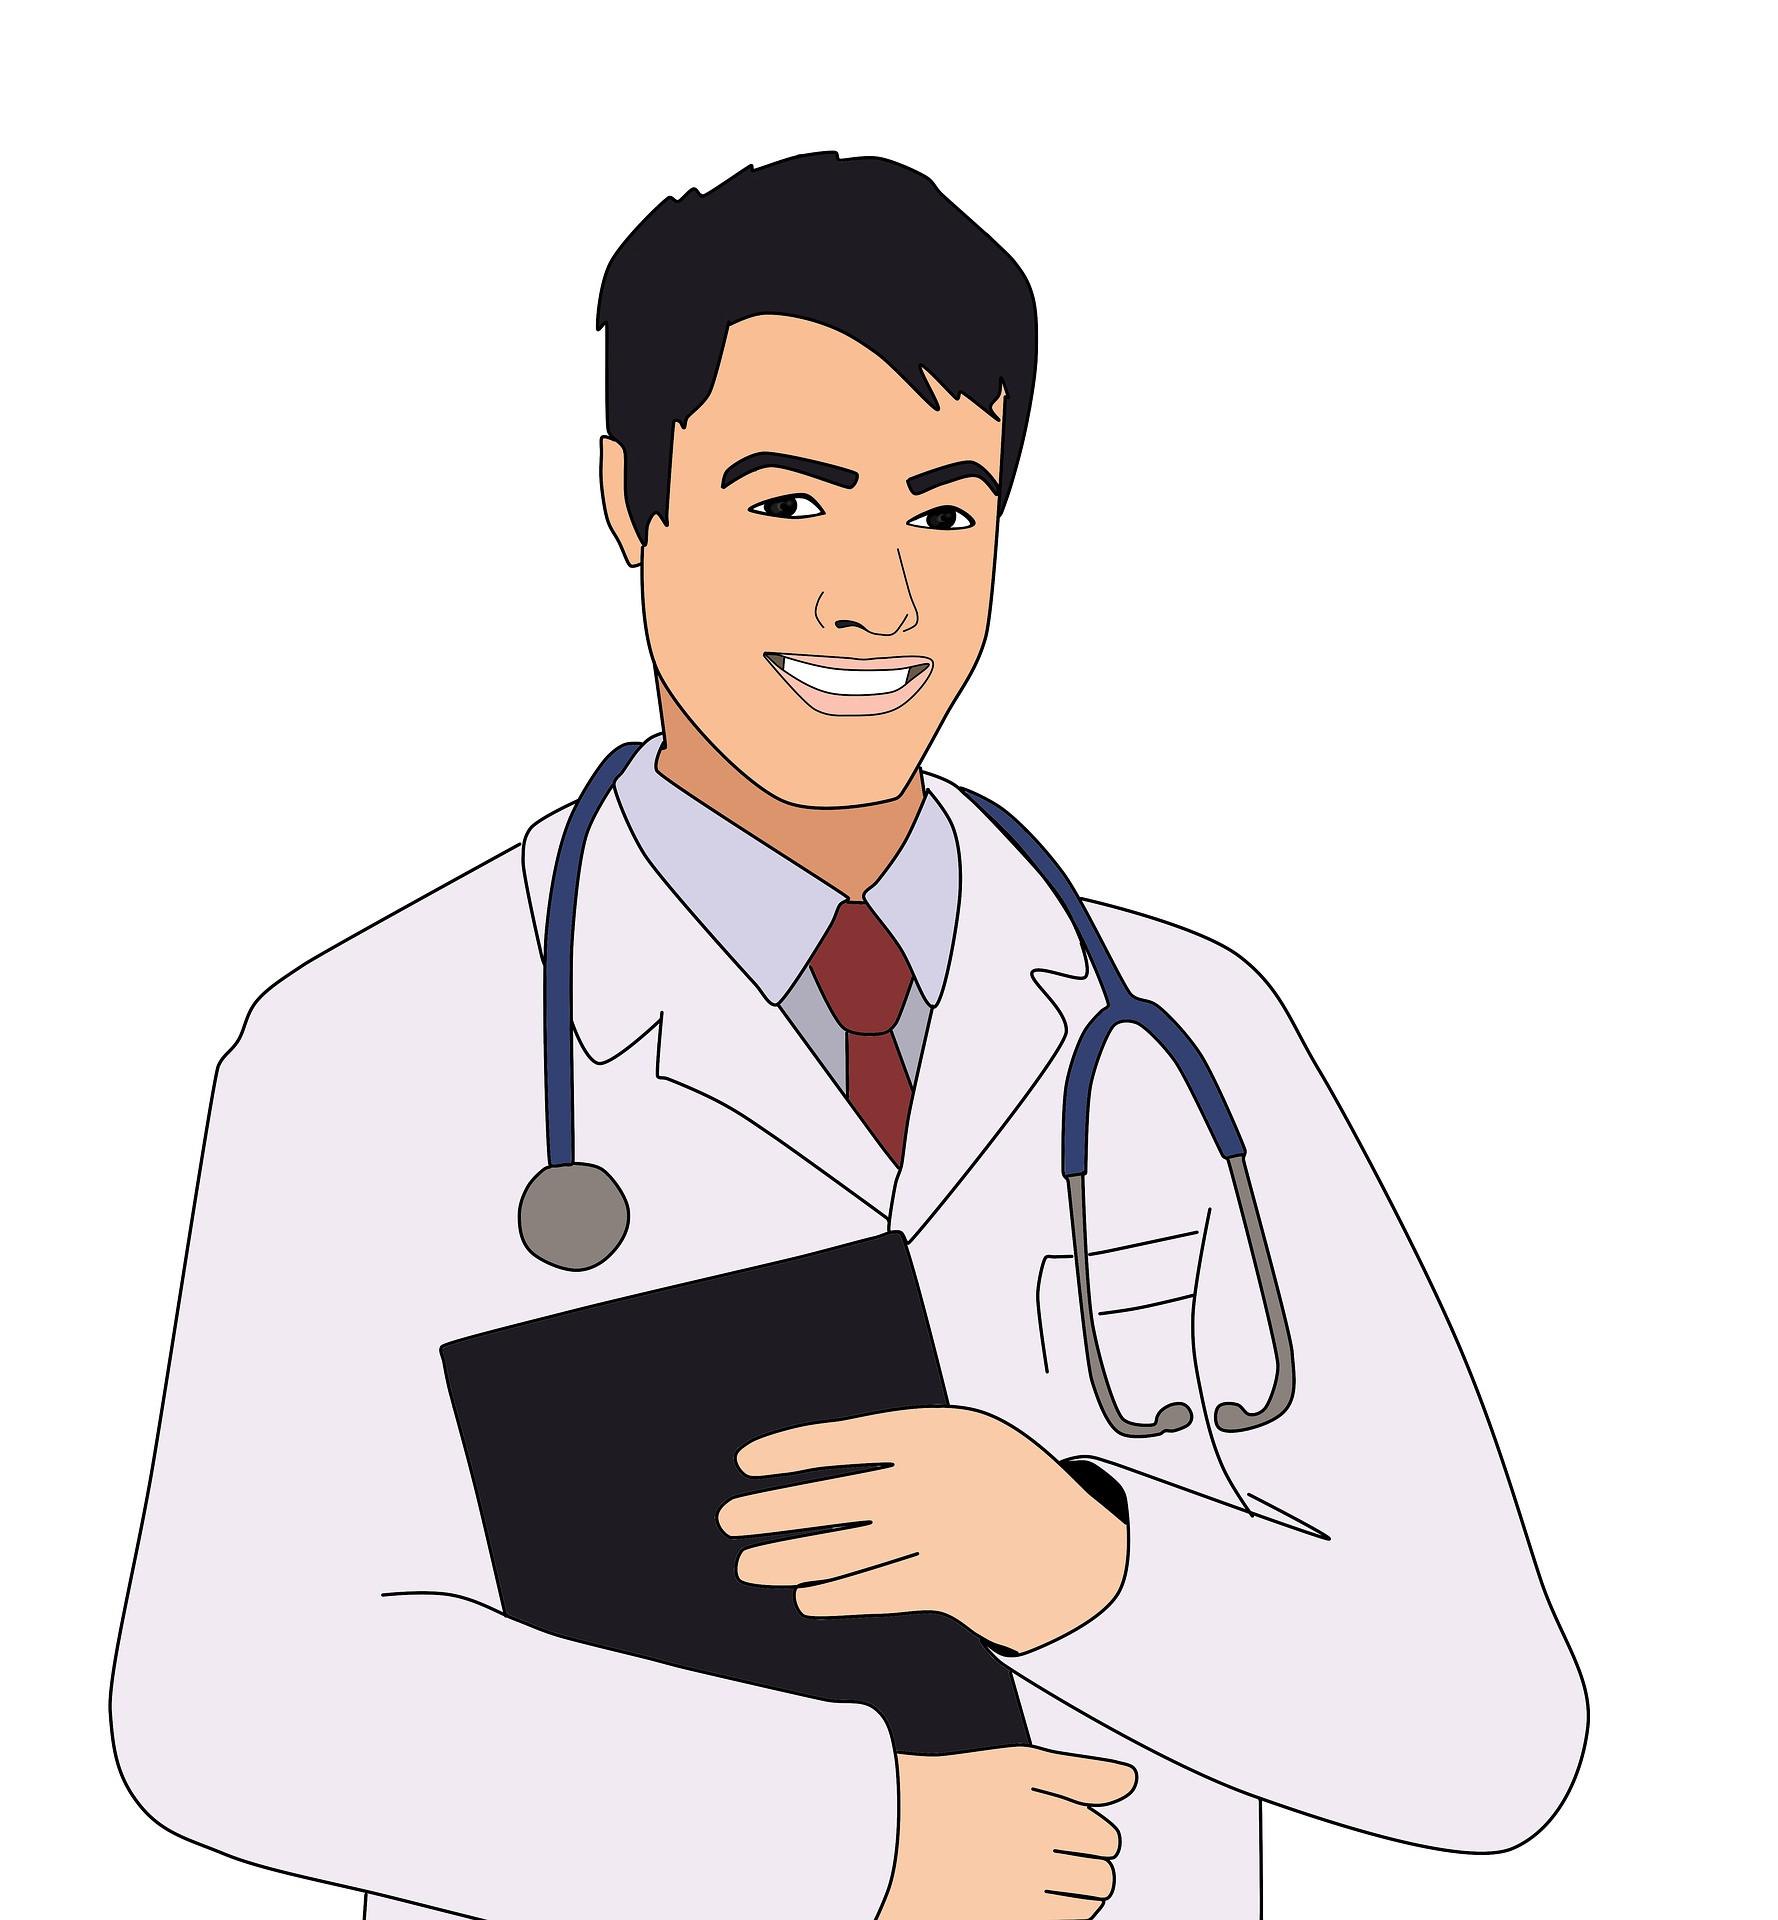 doctor-1699656-1920.jpg